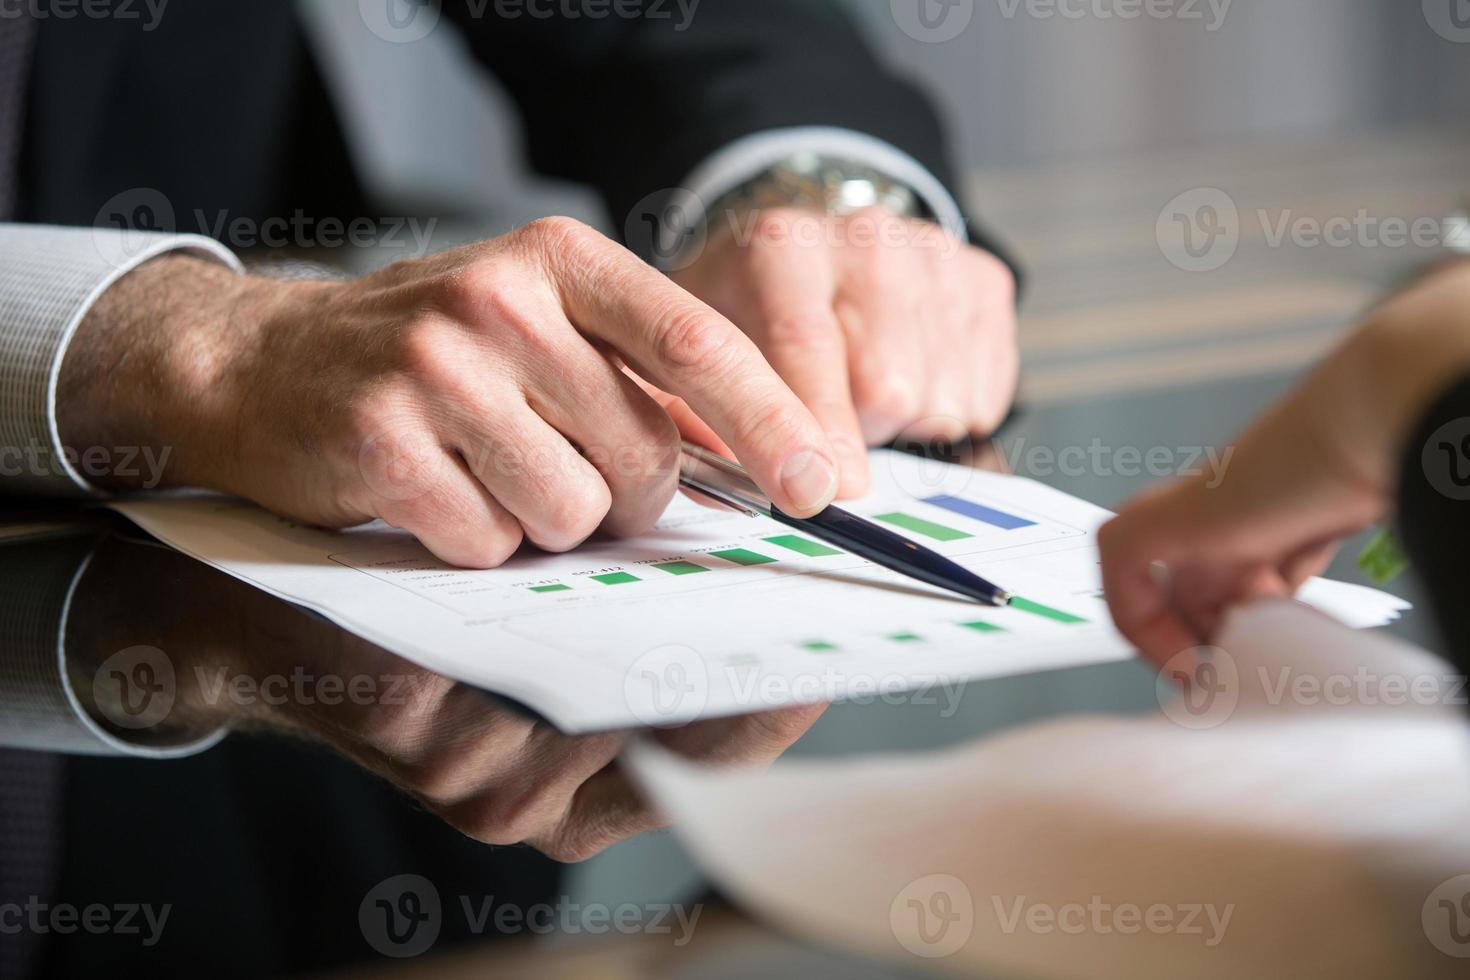 análise de diagrama financeiro foto